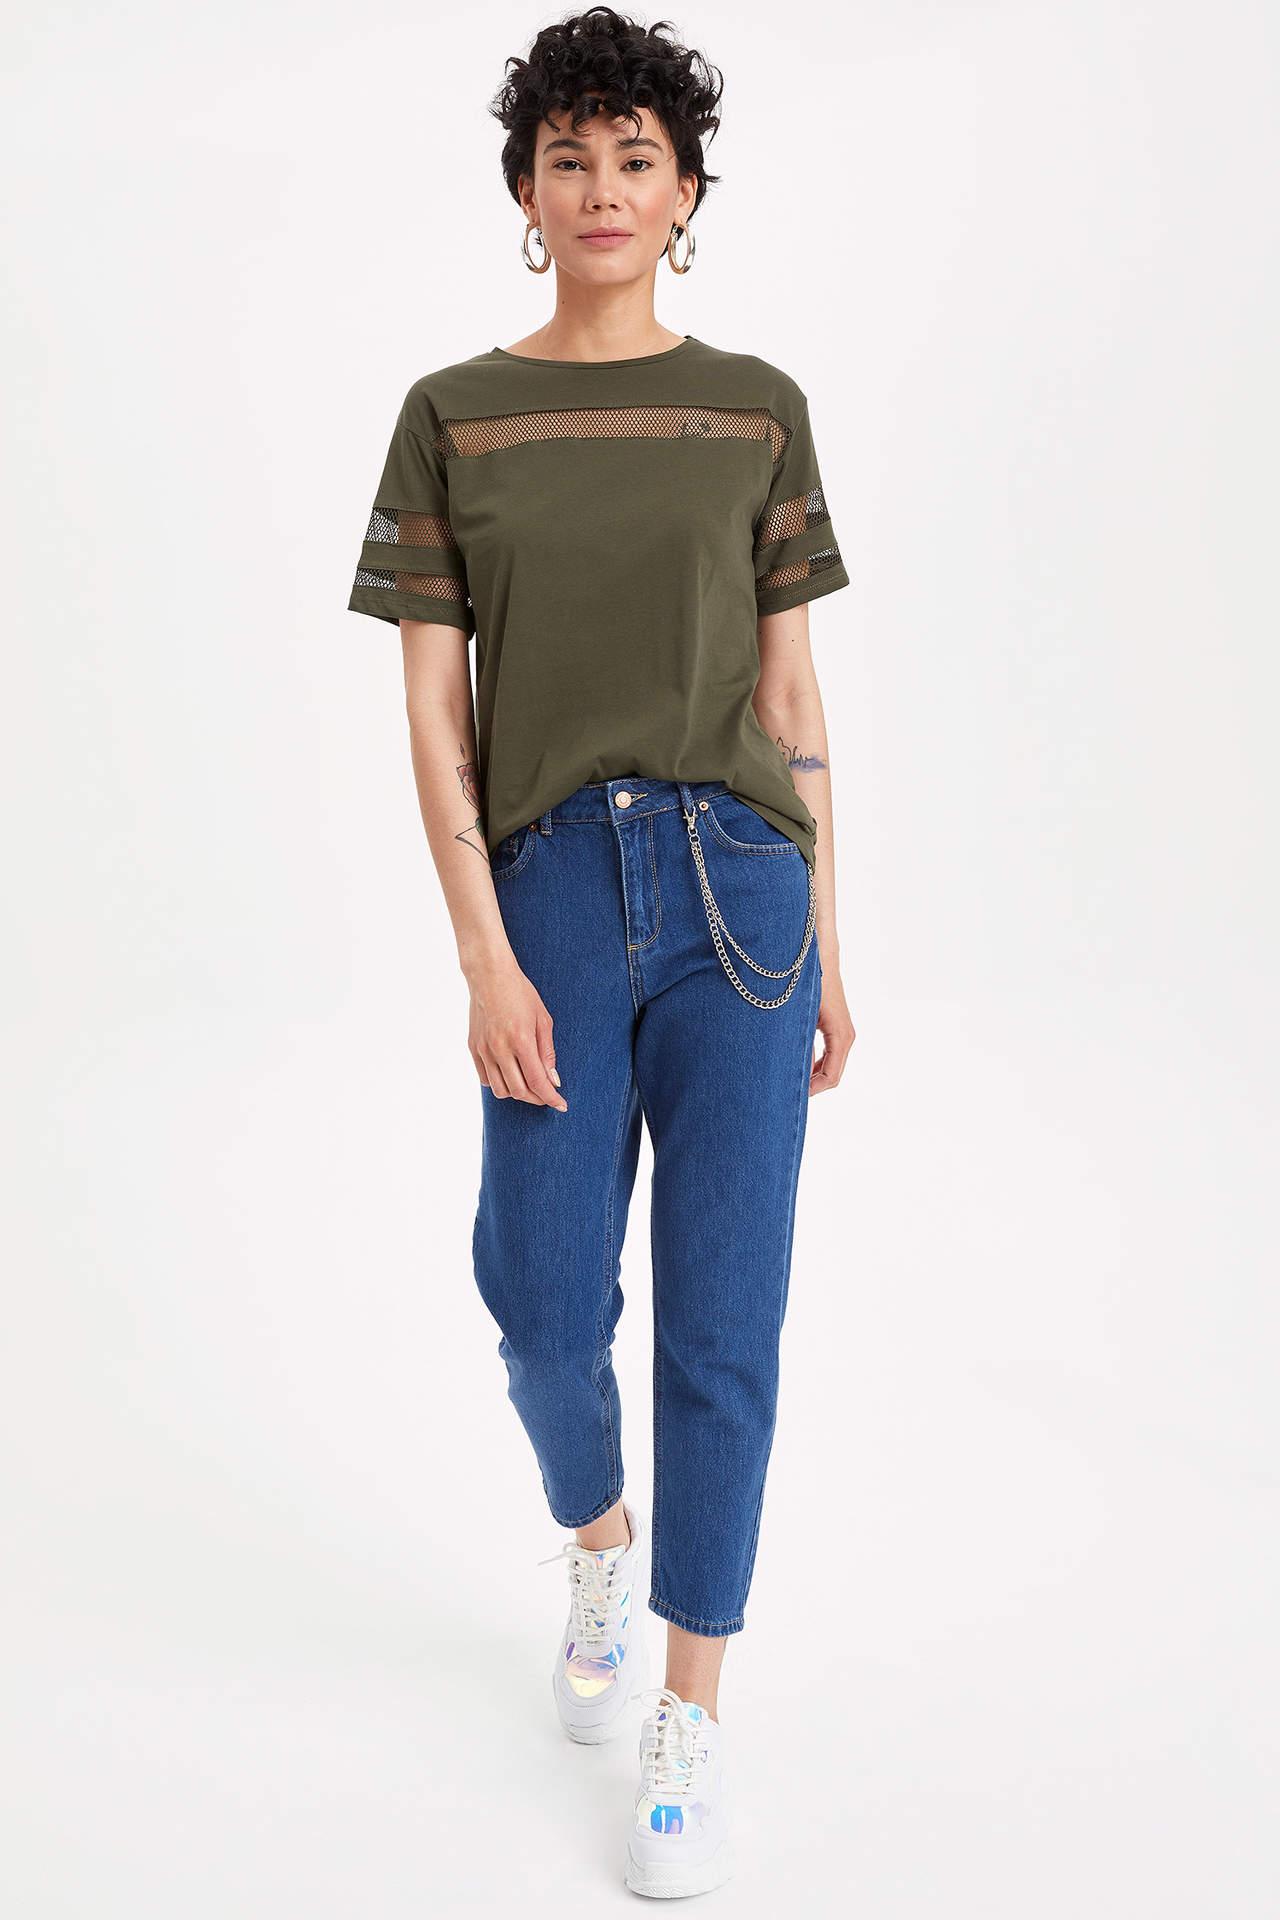 DeFacto Kadın Kısa Kollu File Detaylı T-shirt Haki female